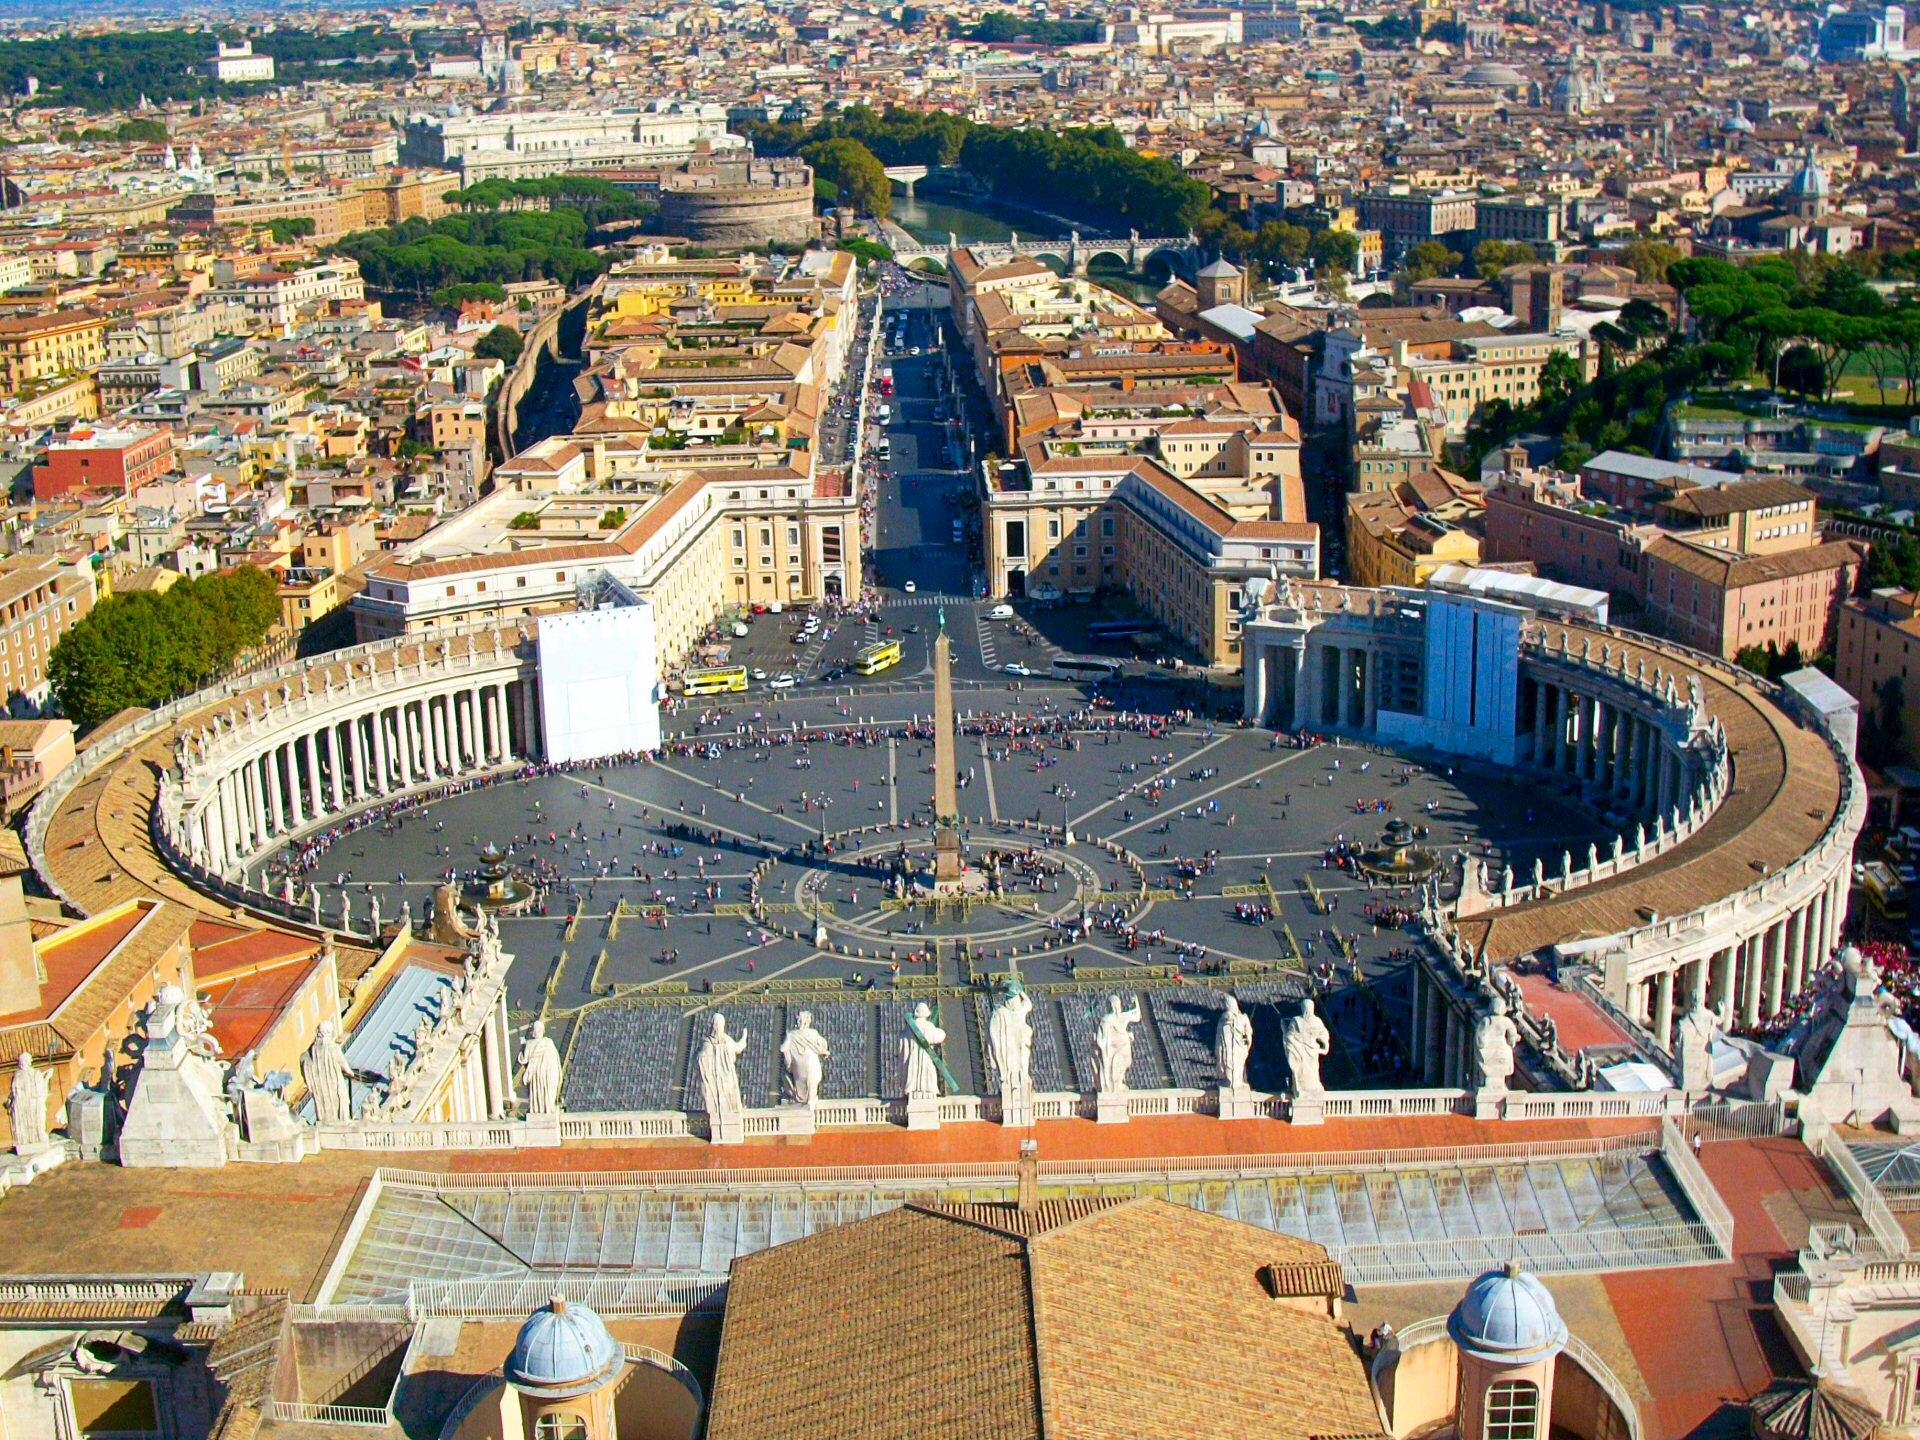 St.Peter's Basilica - Vatican City